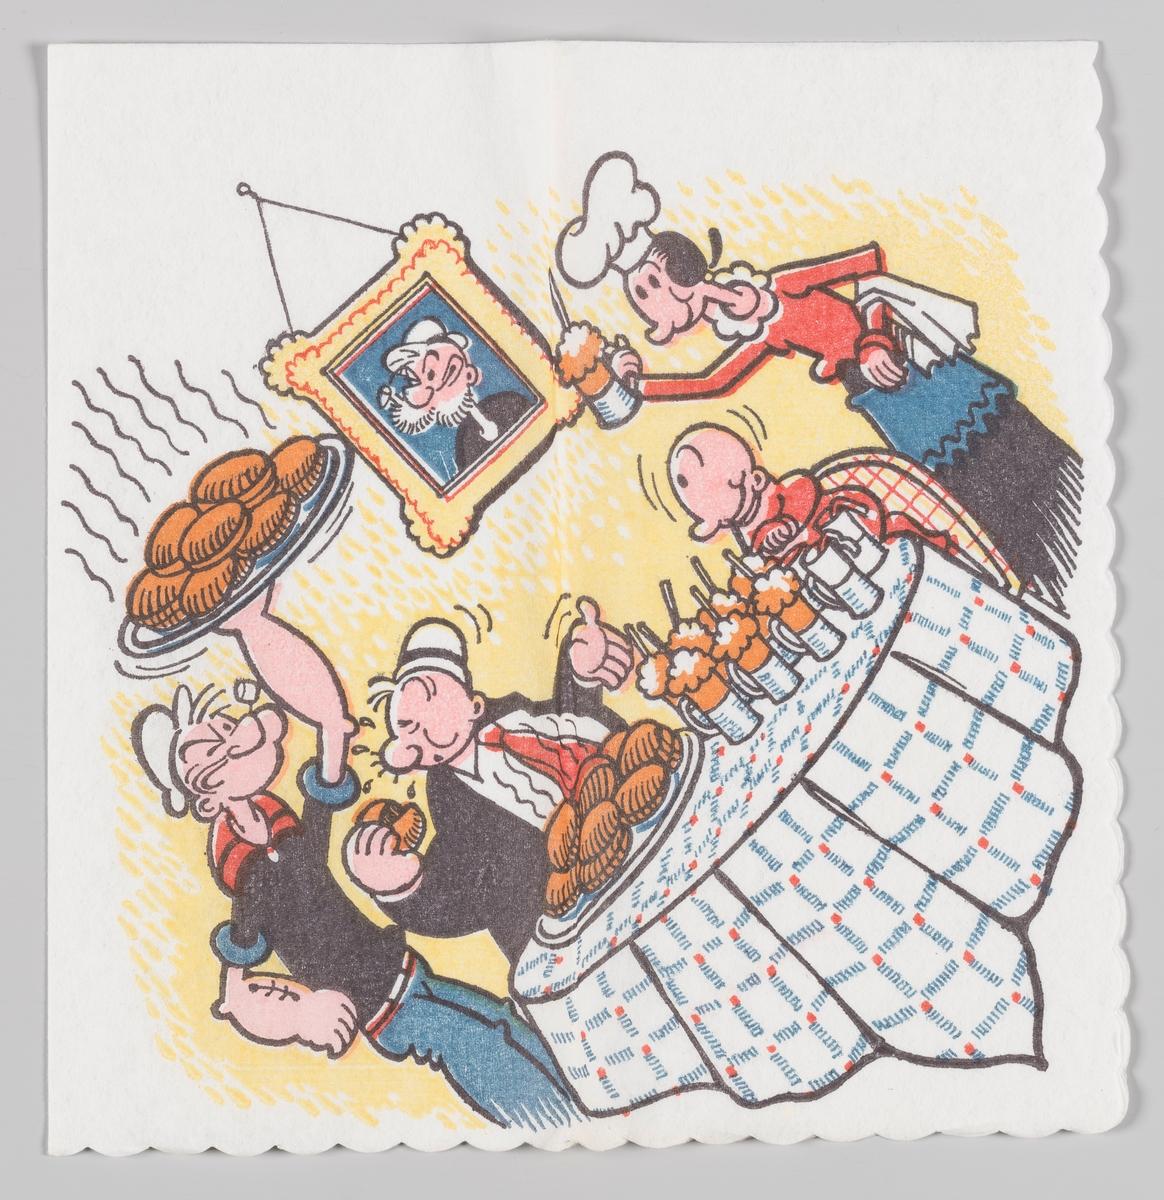 Skipper`n kommer bærende med middagen til familien. Olivia kommer med drikke.  Skipper`n på engelsk kal Popeye the Sailor er en amerikansk tegneserie og tegnefilmfigur. Han ble skapt av Elzie Crisler Segar og ble første gang presentert i 1929. Skipper`n ble svært populær i Norge. I 1947 til 1959 utga Allers et ukentlig serieblad med figuren, 1967-1970 utga Romanforlaget serien.  Skippen er også motiv på serviett MIA.00007-003-0052.